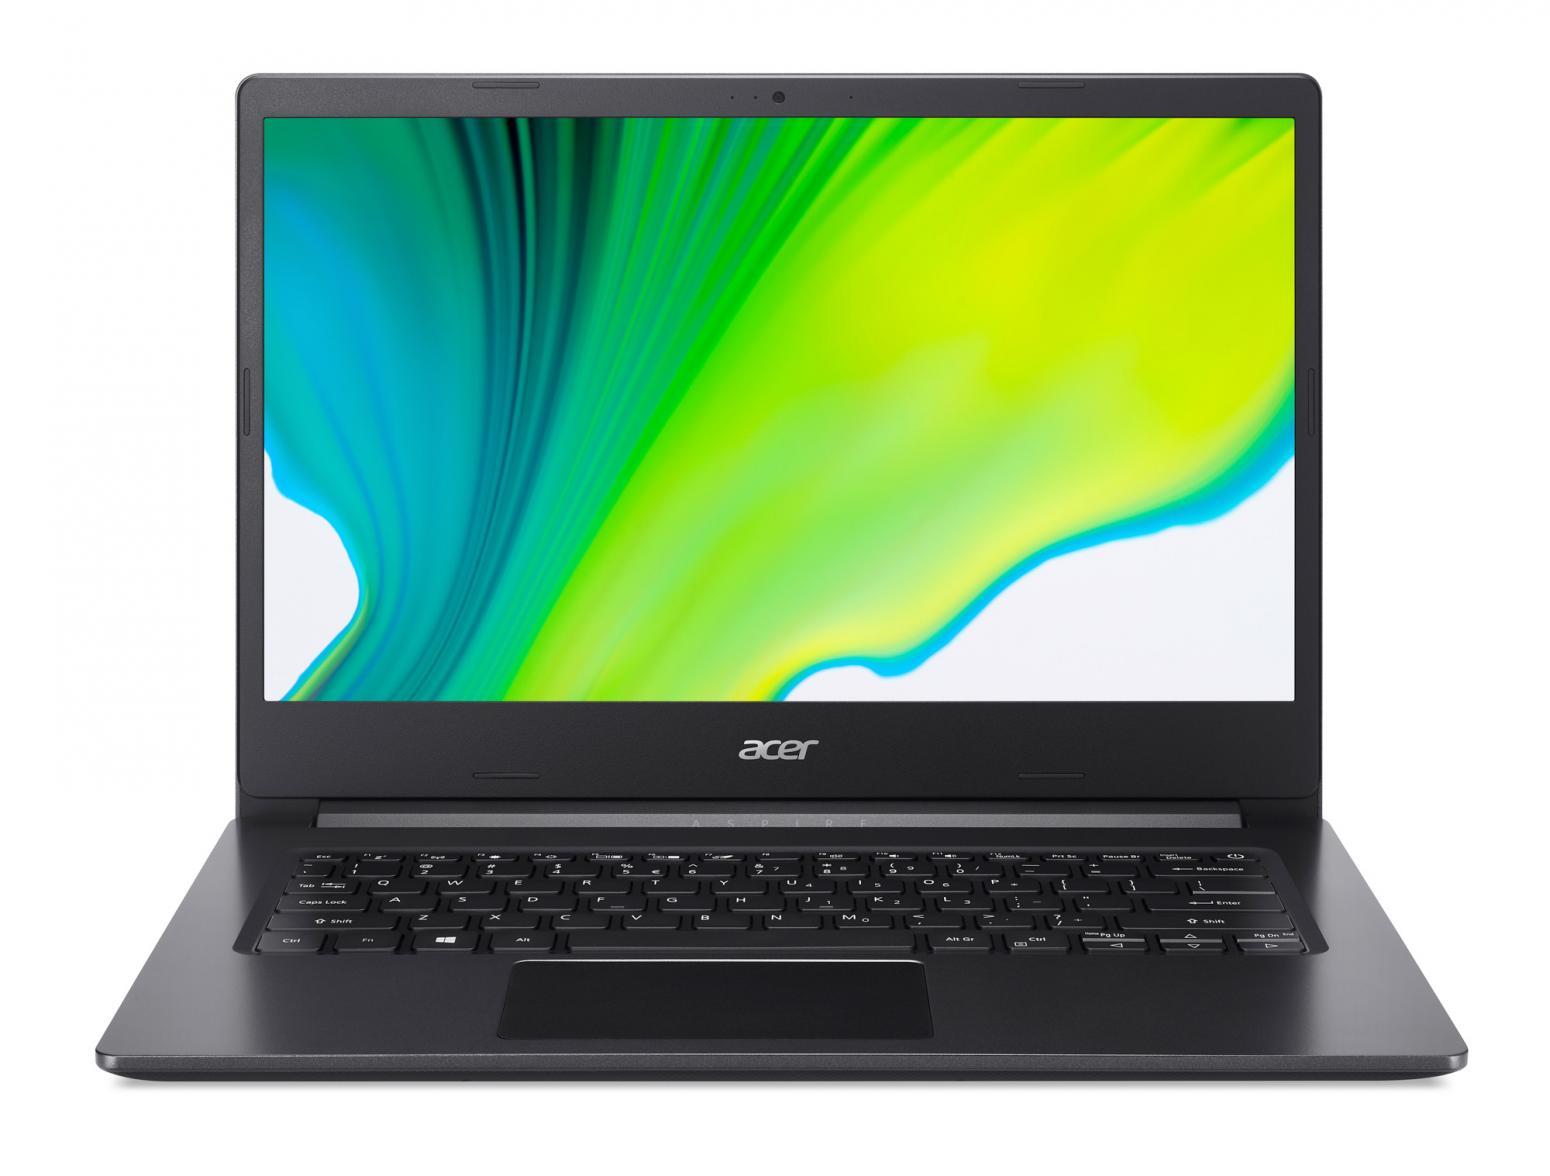 Image du PC portable Acer Aspire 3 A314-22-R14R - Ryzen 3